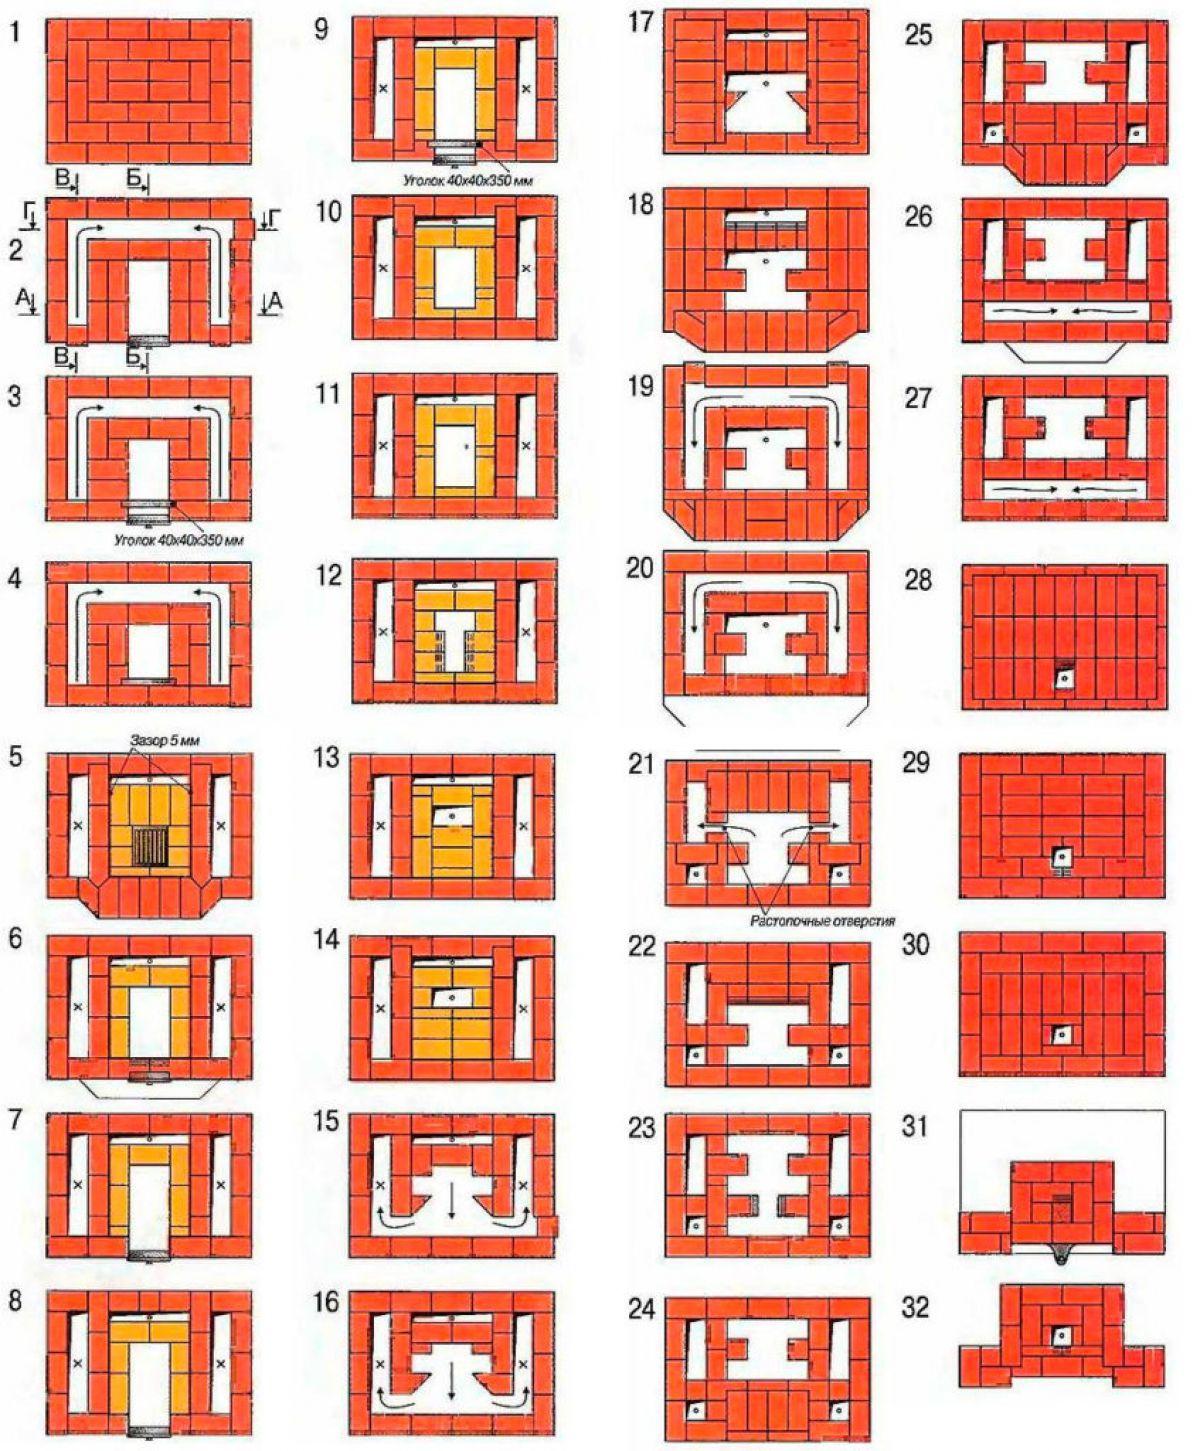 Печи Кузнецова - работа и особенности конструкции 4215